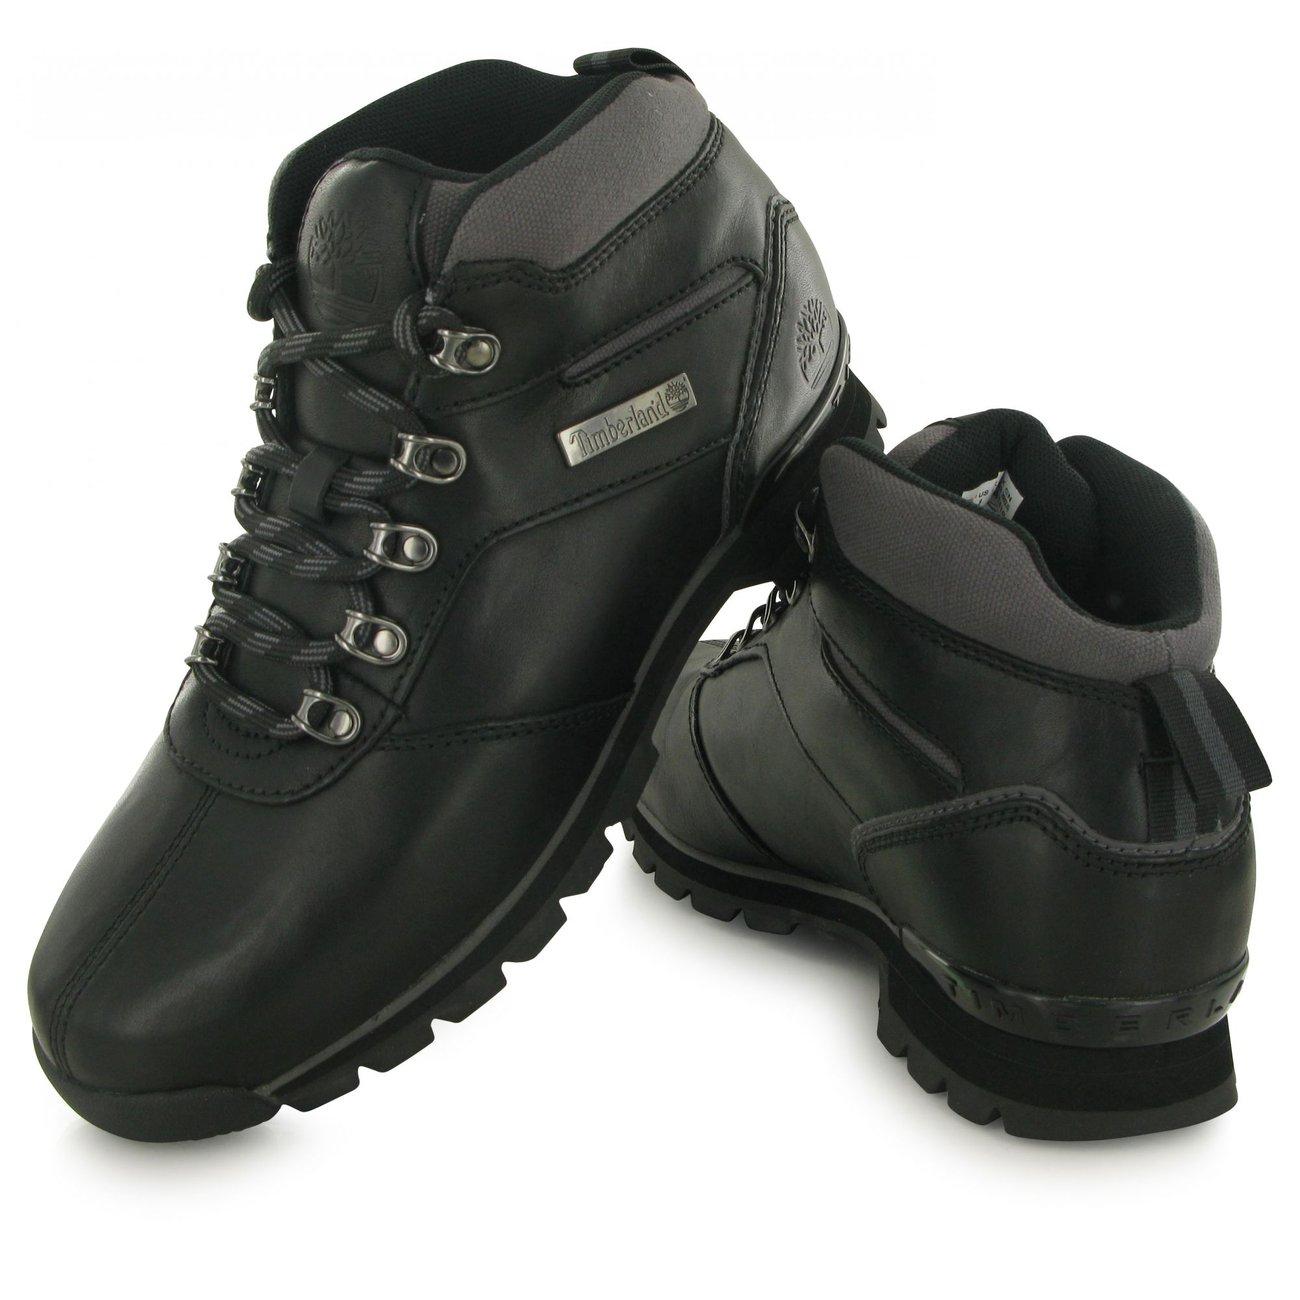 Chaussures de randonnée homme Timberland Splitrock 2 ( description )